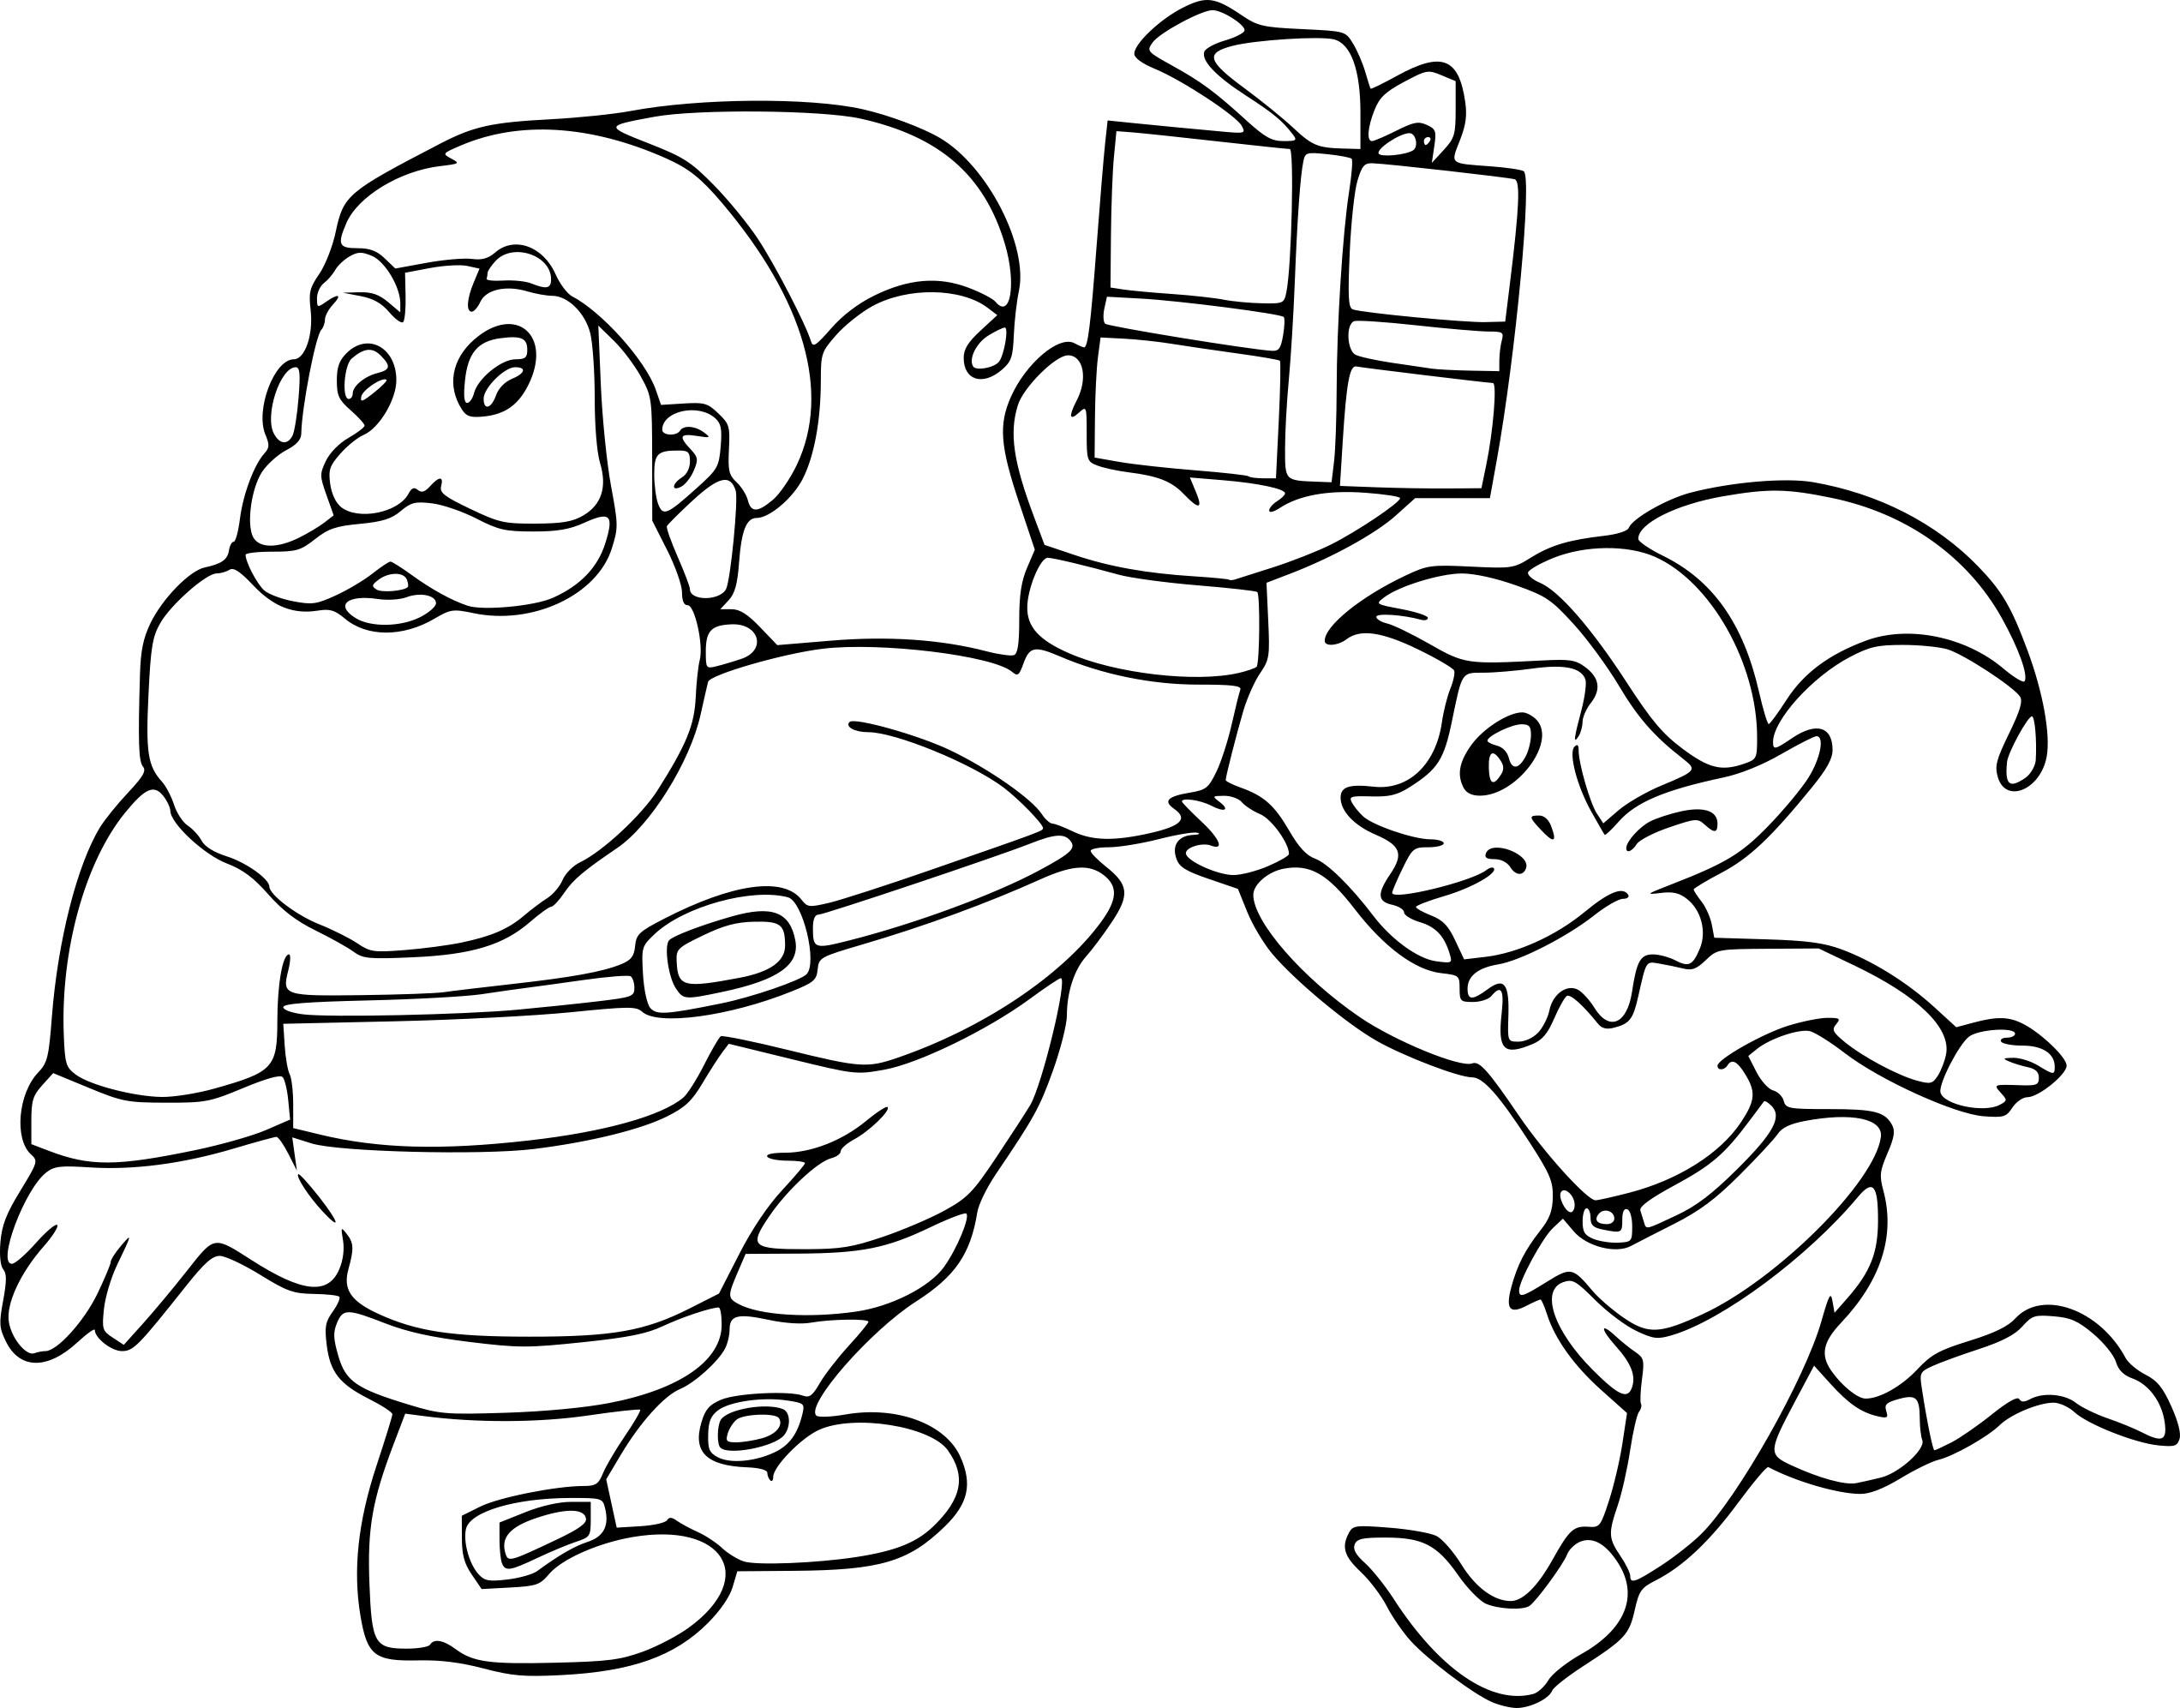 Coloriage Père Noel Et Lutin À Imprimer Sur Coloriages à Coloriage De Pere Noel A Imprimer Gratuitement